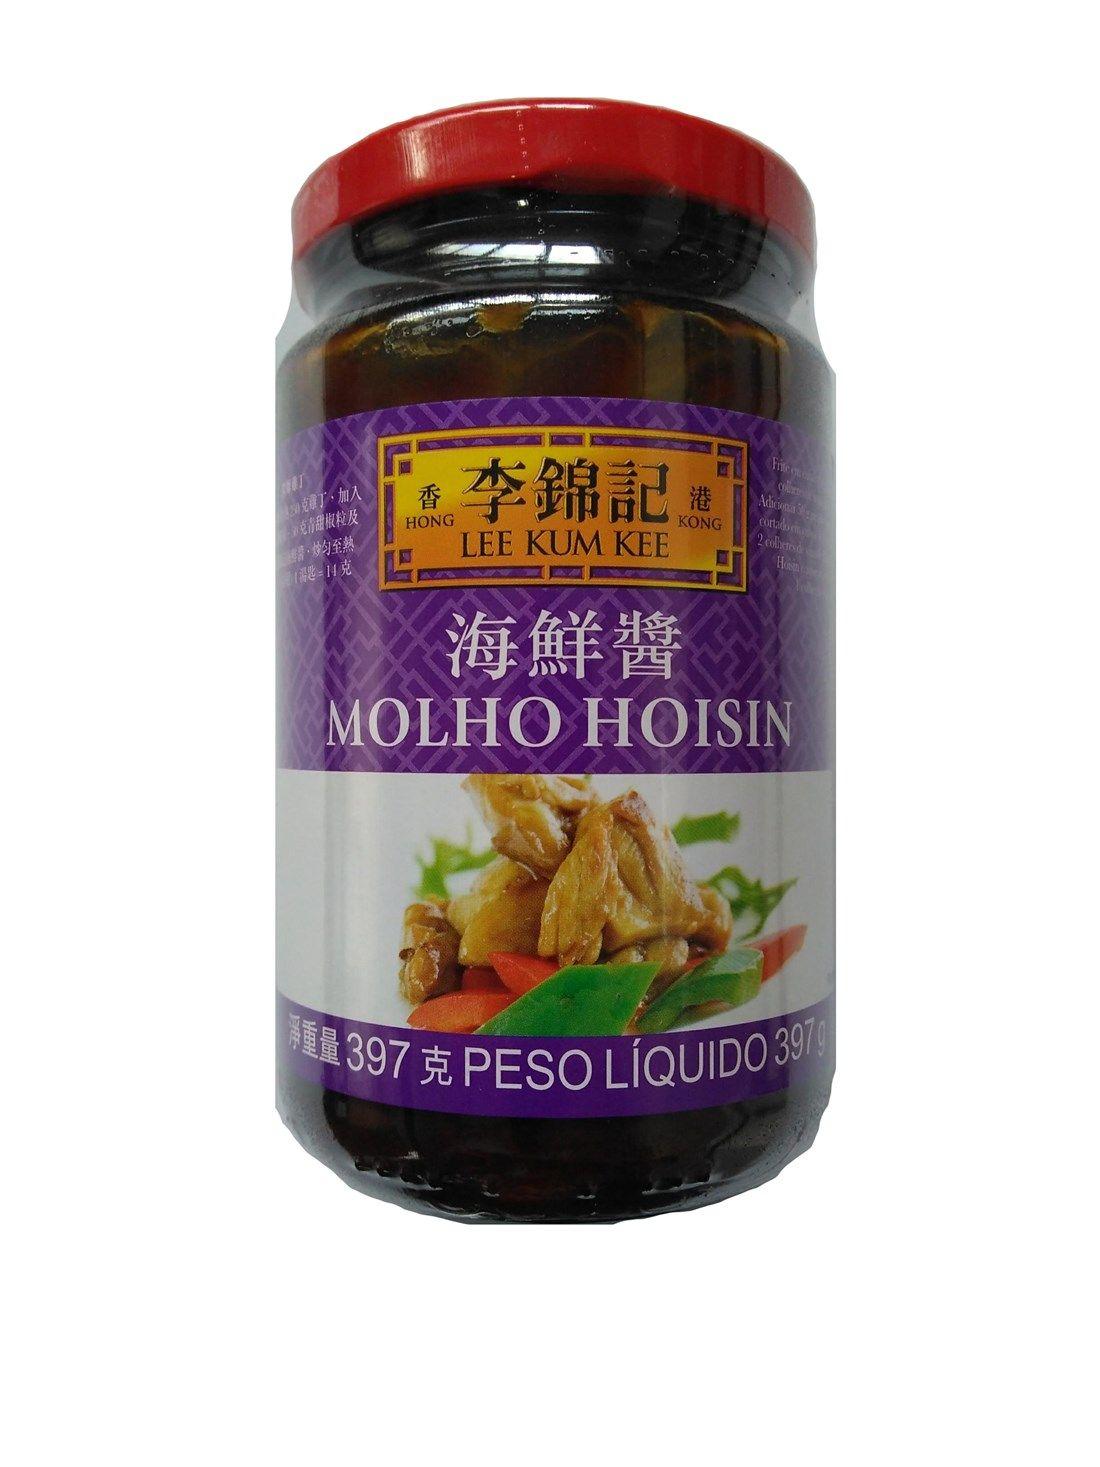 Molho Hoisin Sauce - Lee Kum Kee 397g